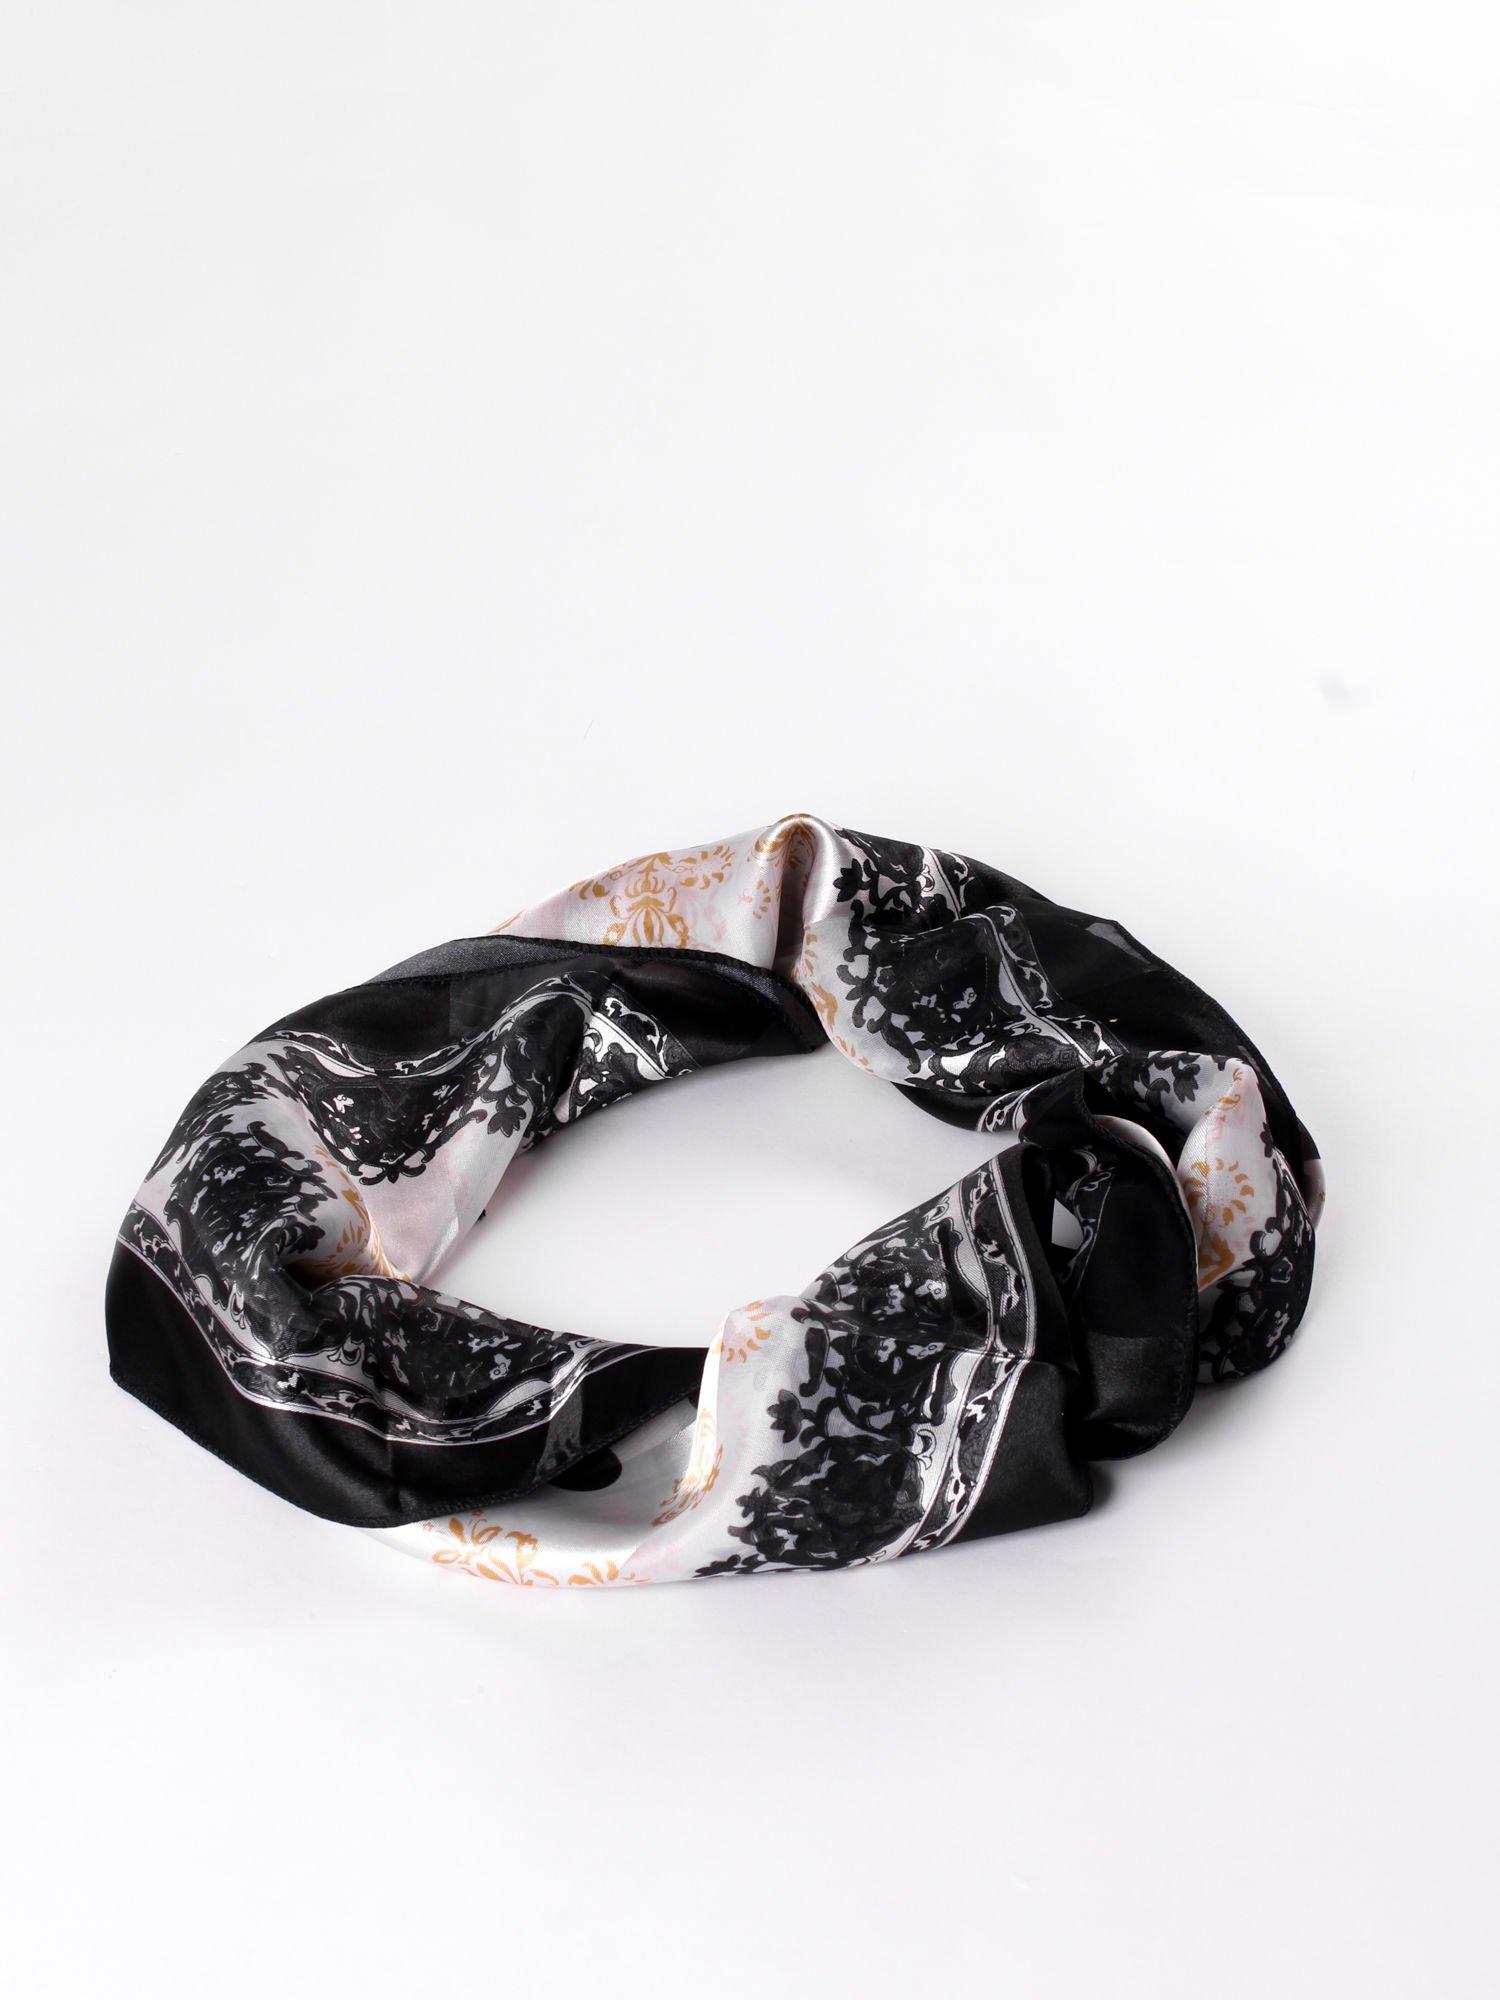 Czarna chusta apaszka w grochy z ornamentem roślinnym                                  zdj.                                  2